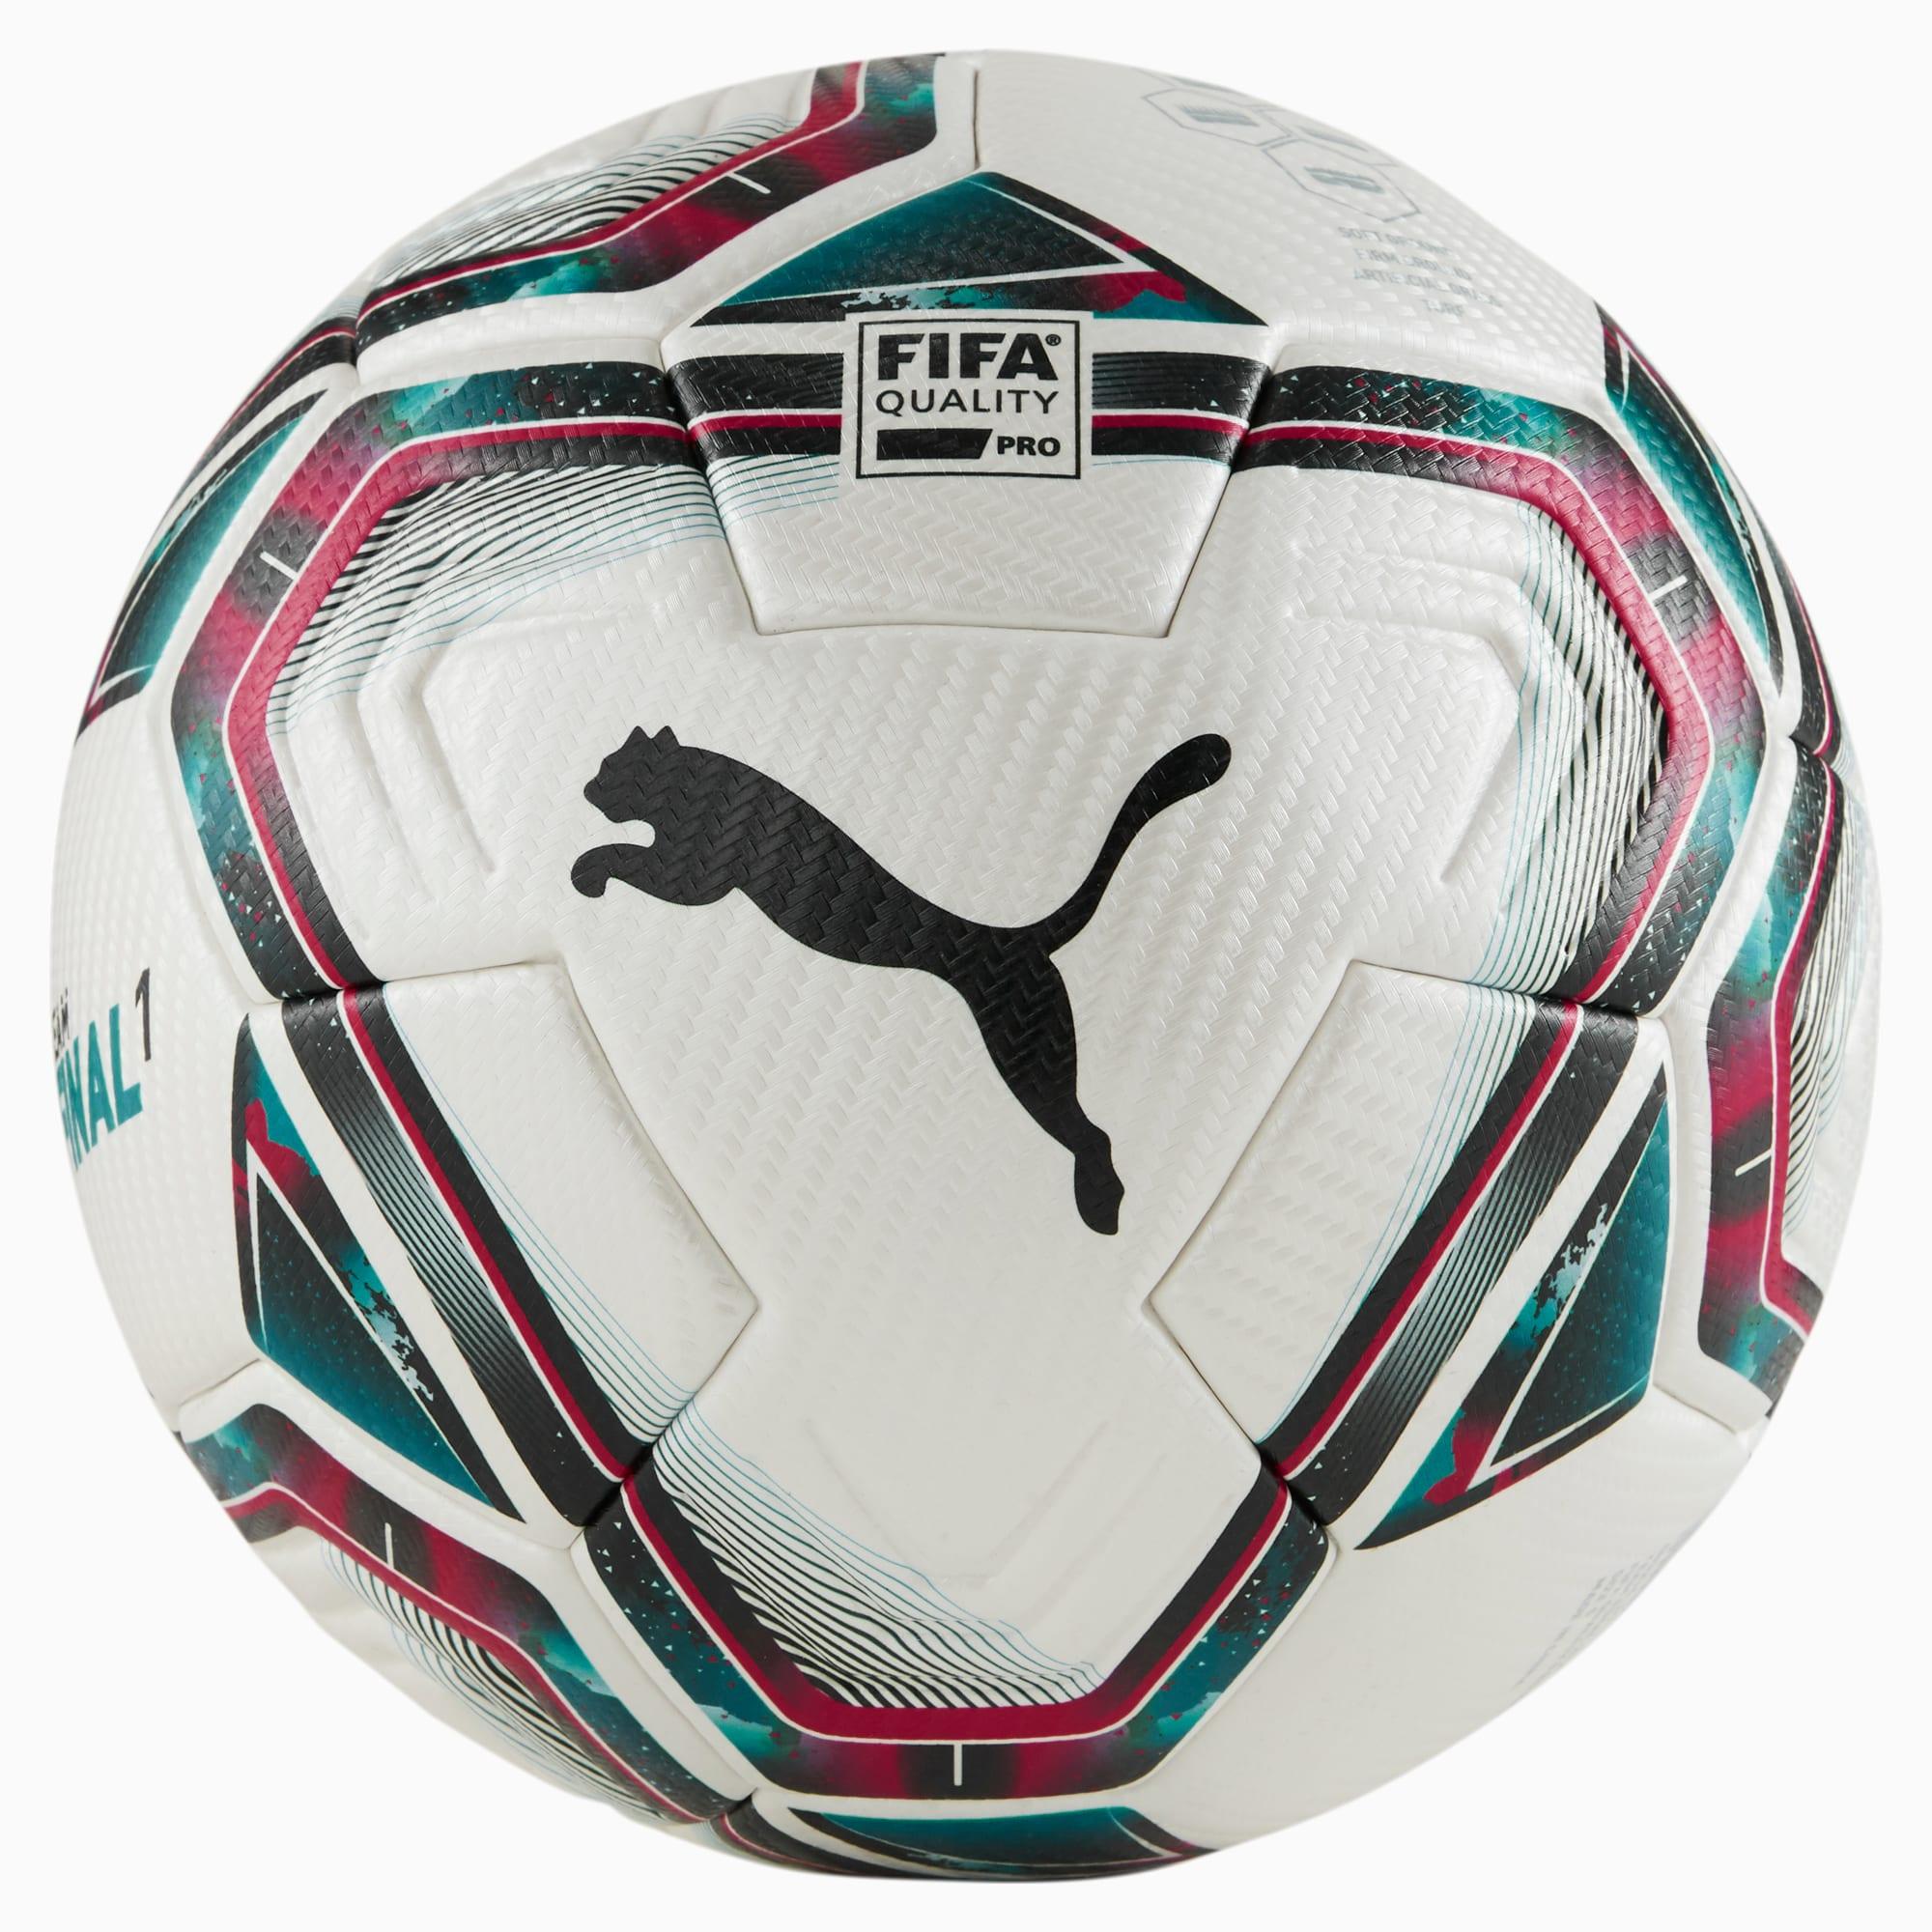 Ballon de foot FINAL 1 FIFA Quality Pro, /Bleu, Taille 5, Accessoires - PUMA - Modalova